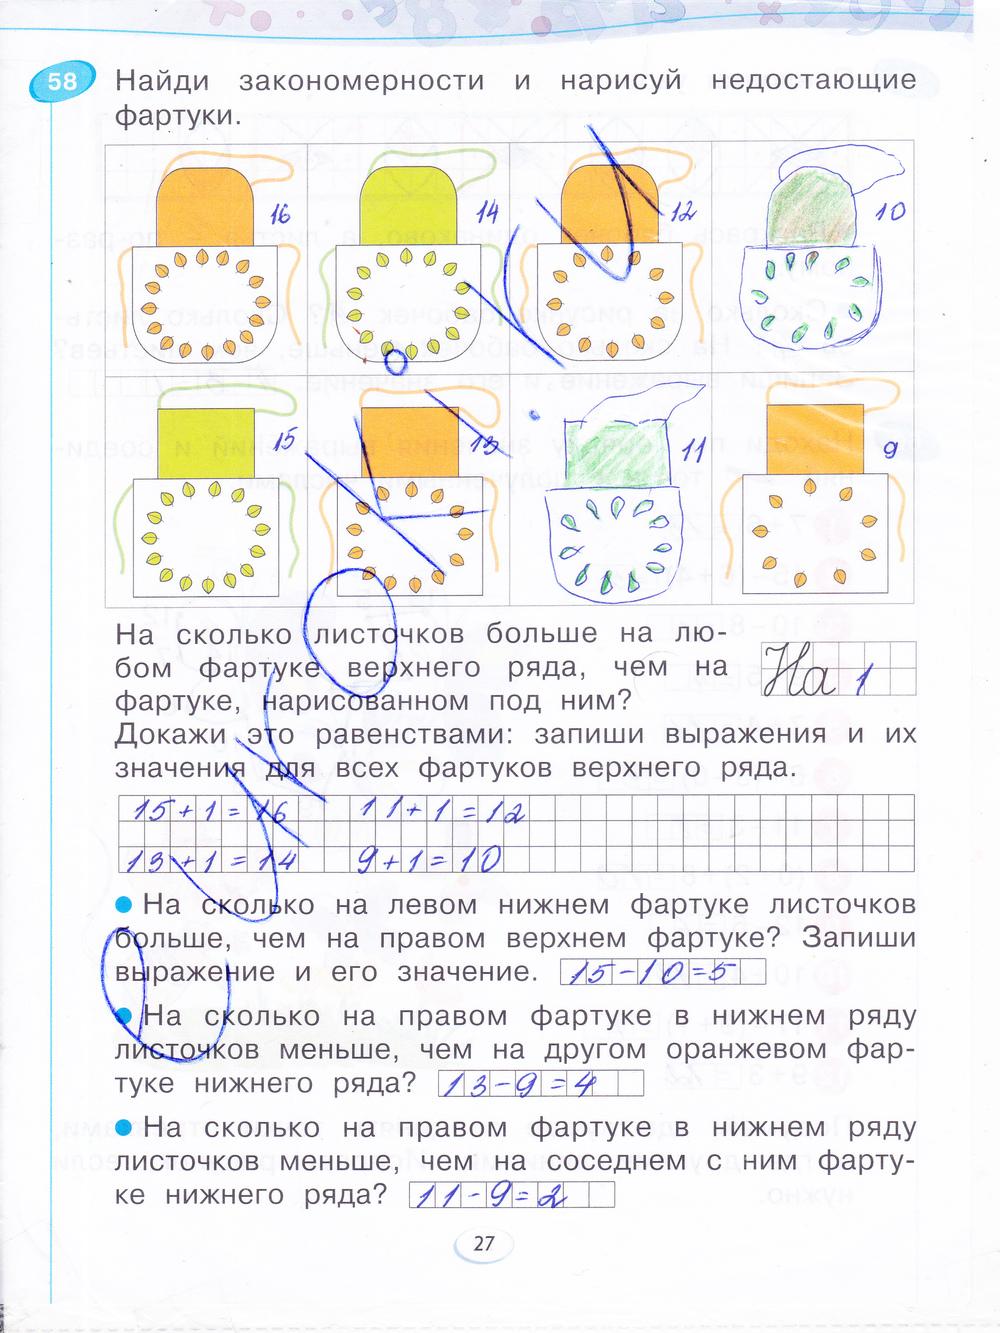 Гдз информатика 3 класс 2 часть математика